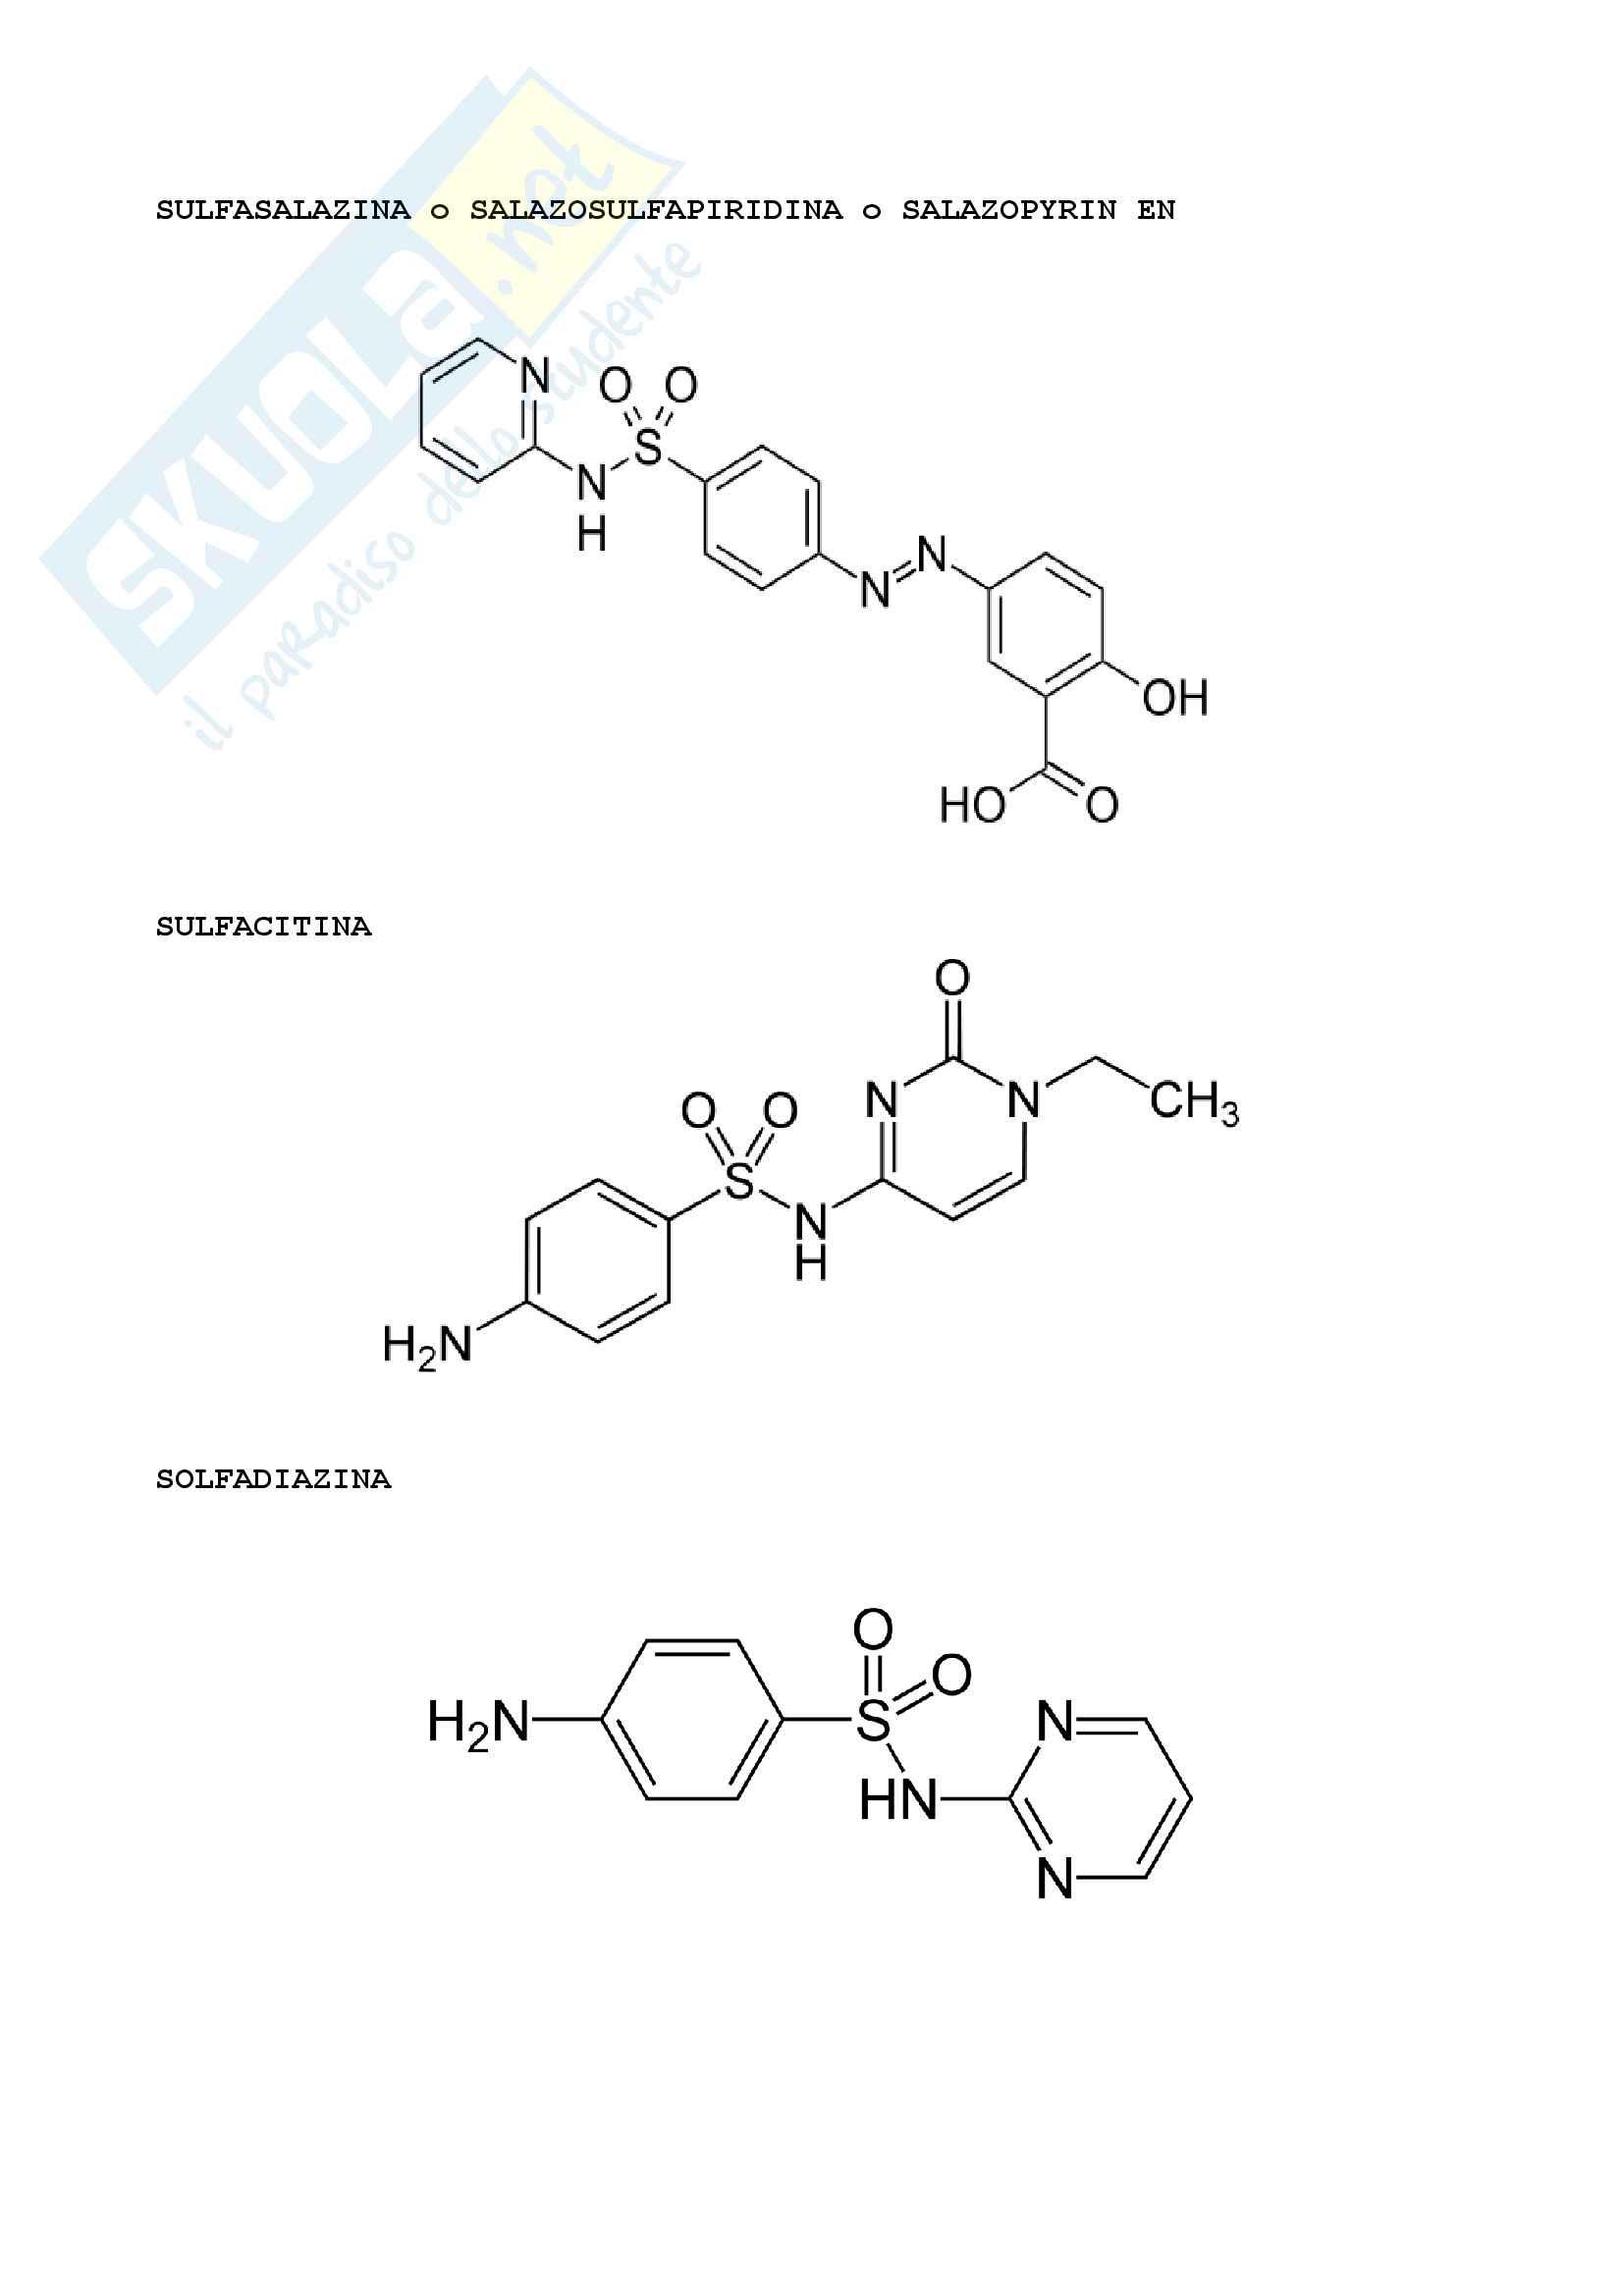 Chimica Farmaceutica e Tossicologica I e Farmaci Pag. 41